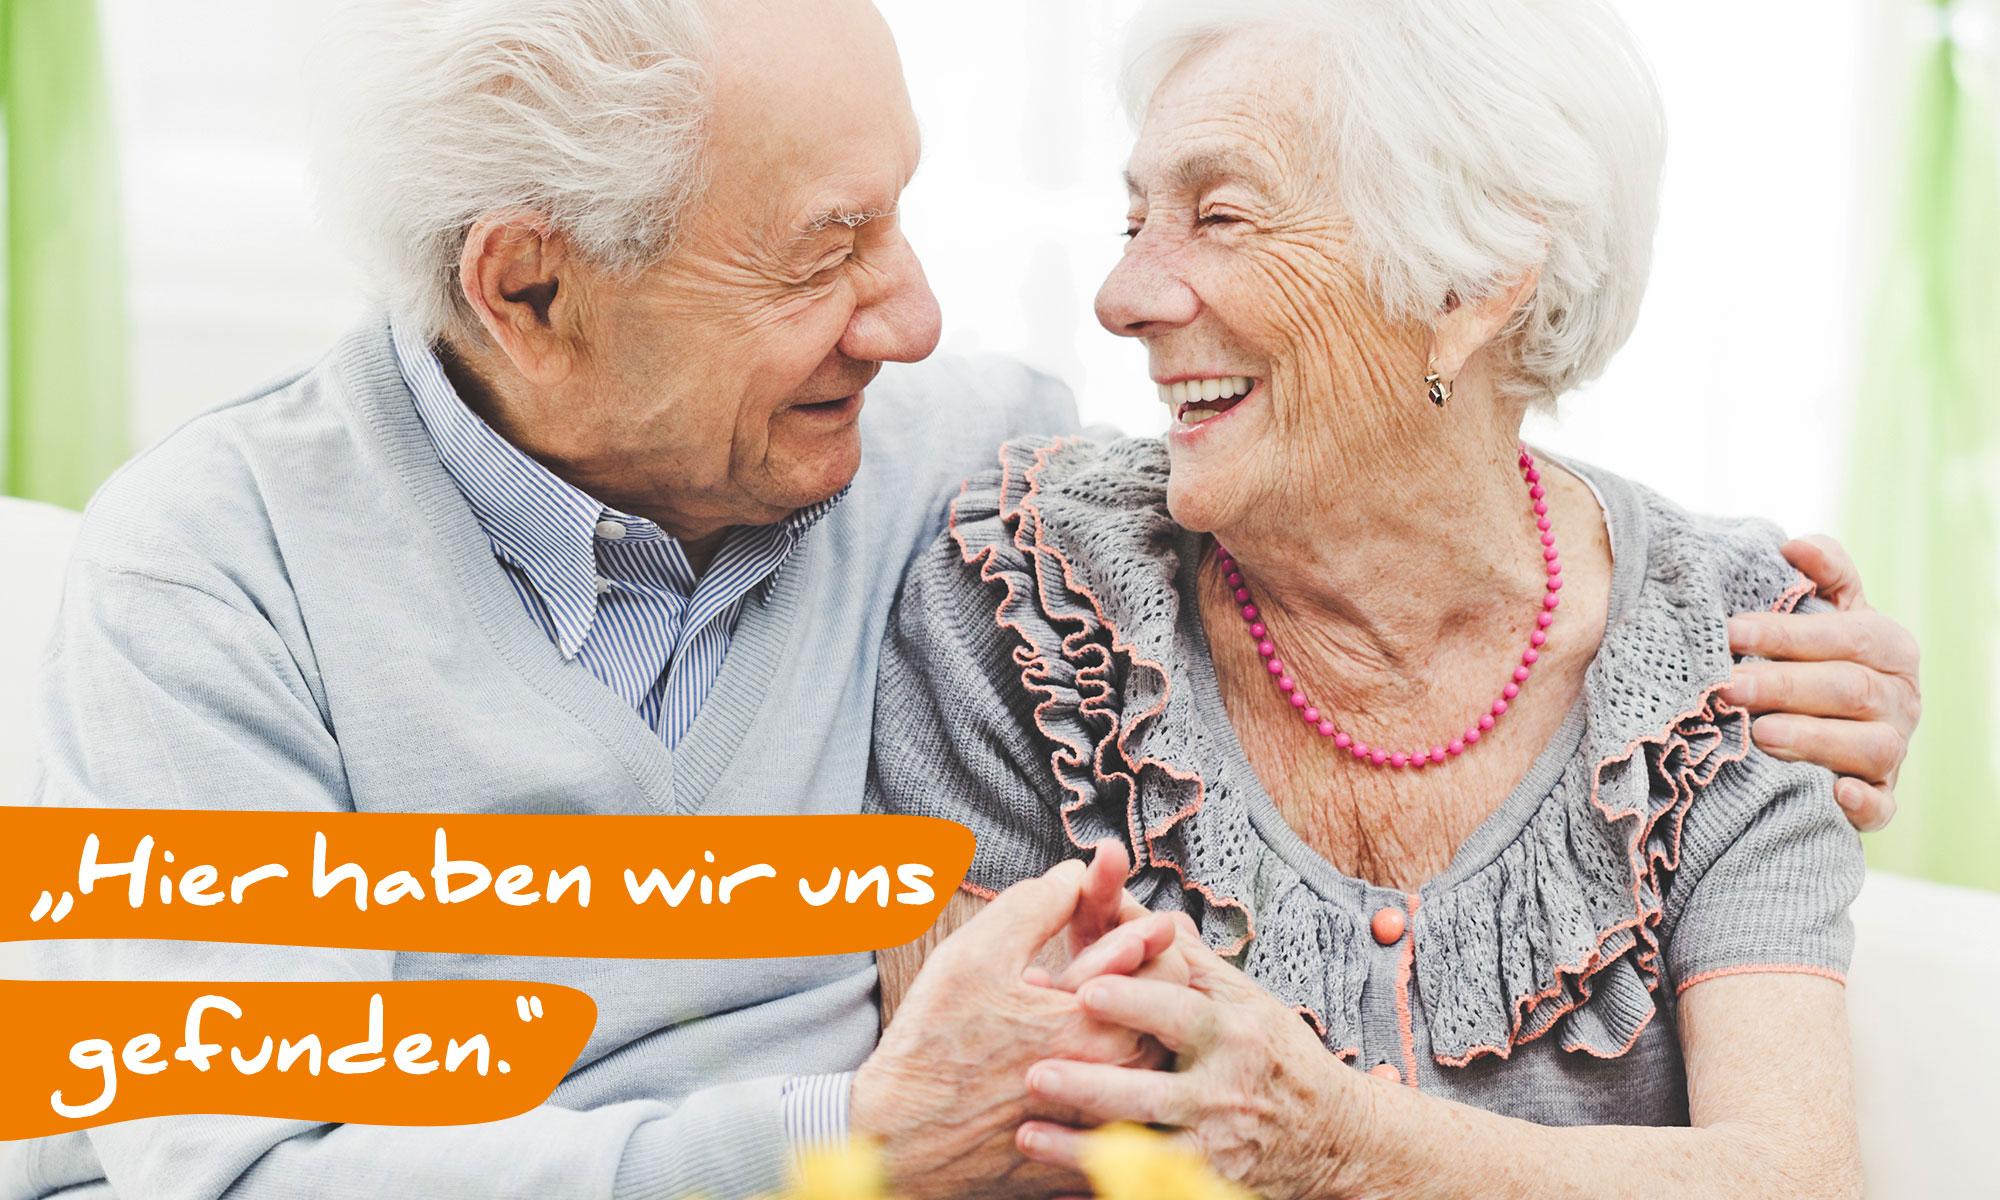 gutepflege-heidelberg_wir-haben-uns-gefunden_text